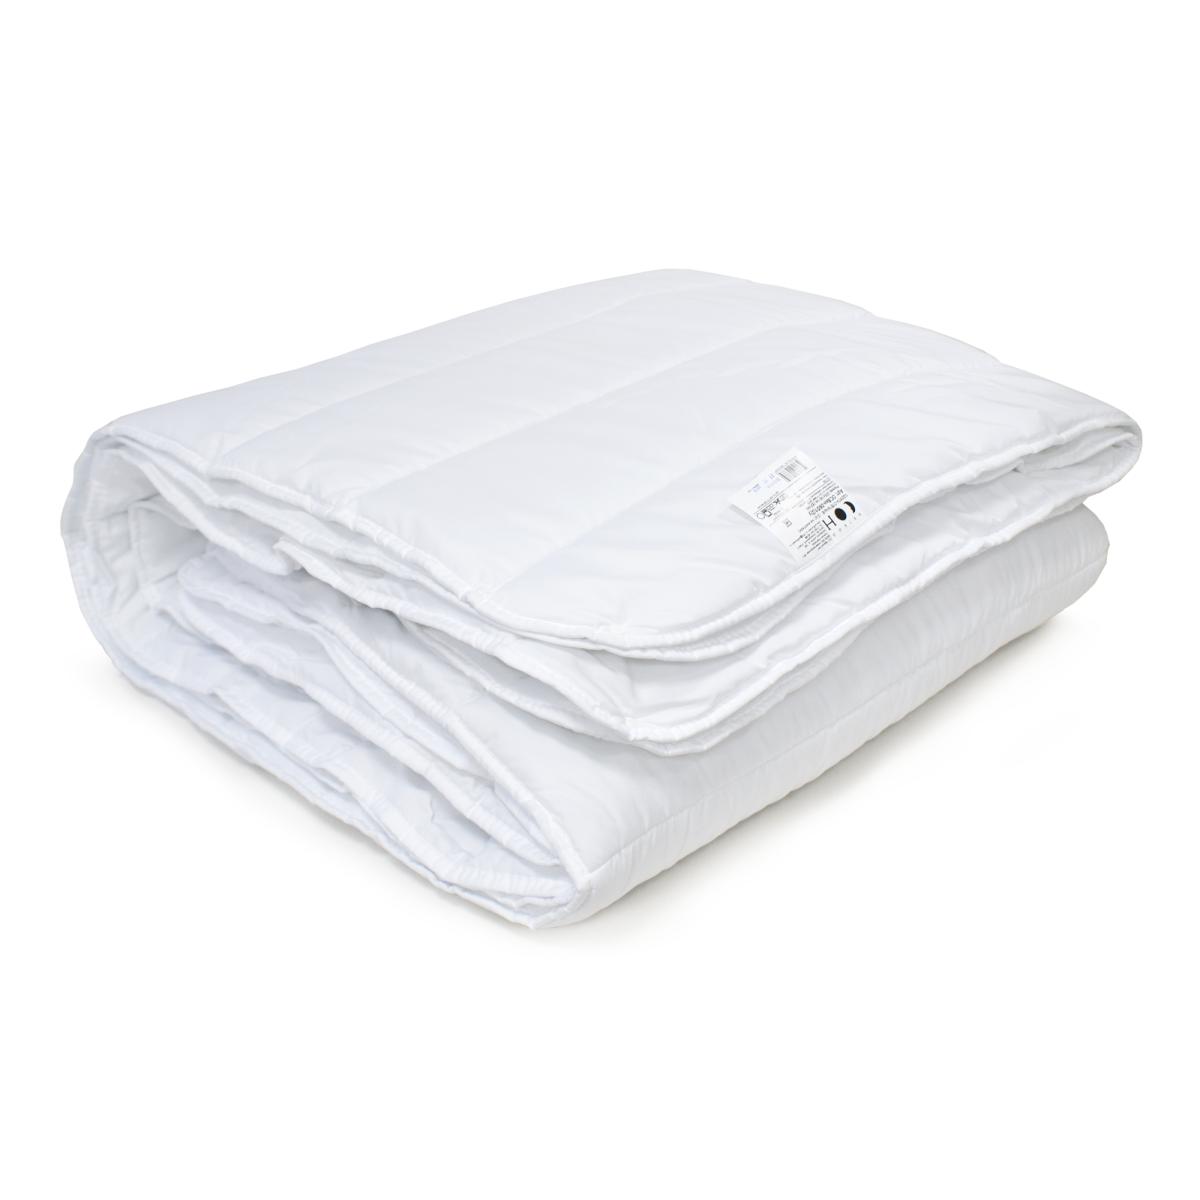 Комплект одеял Мягкий сон «Времена года» 220х200 см полиэфирное волокно